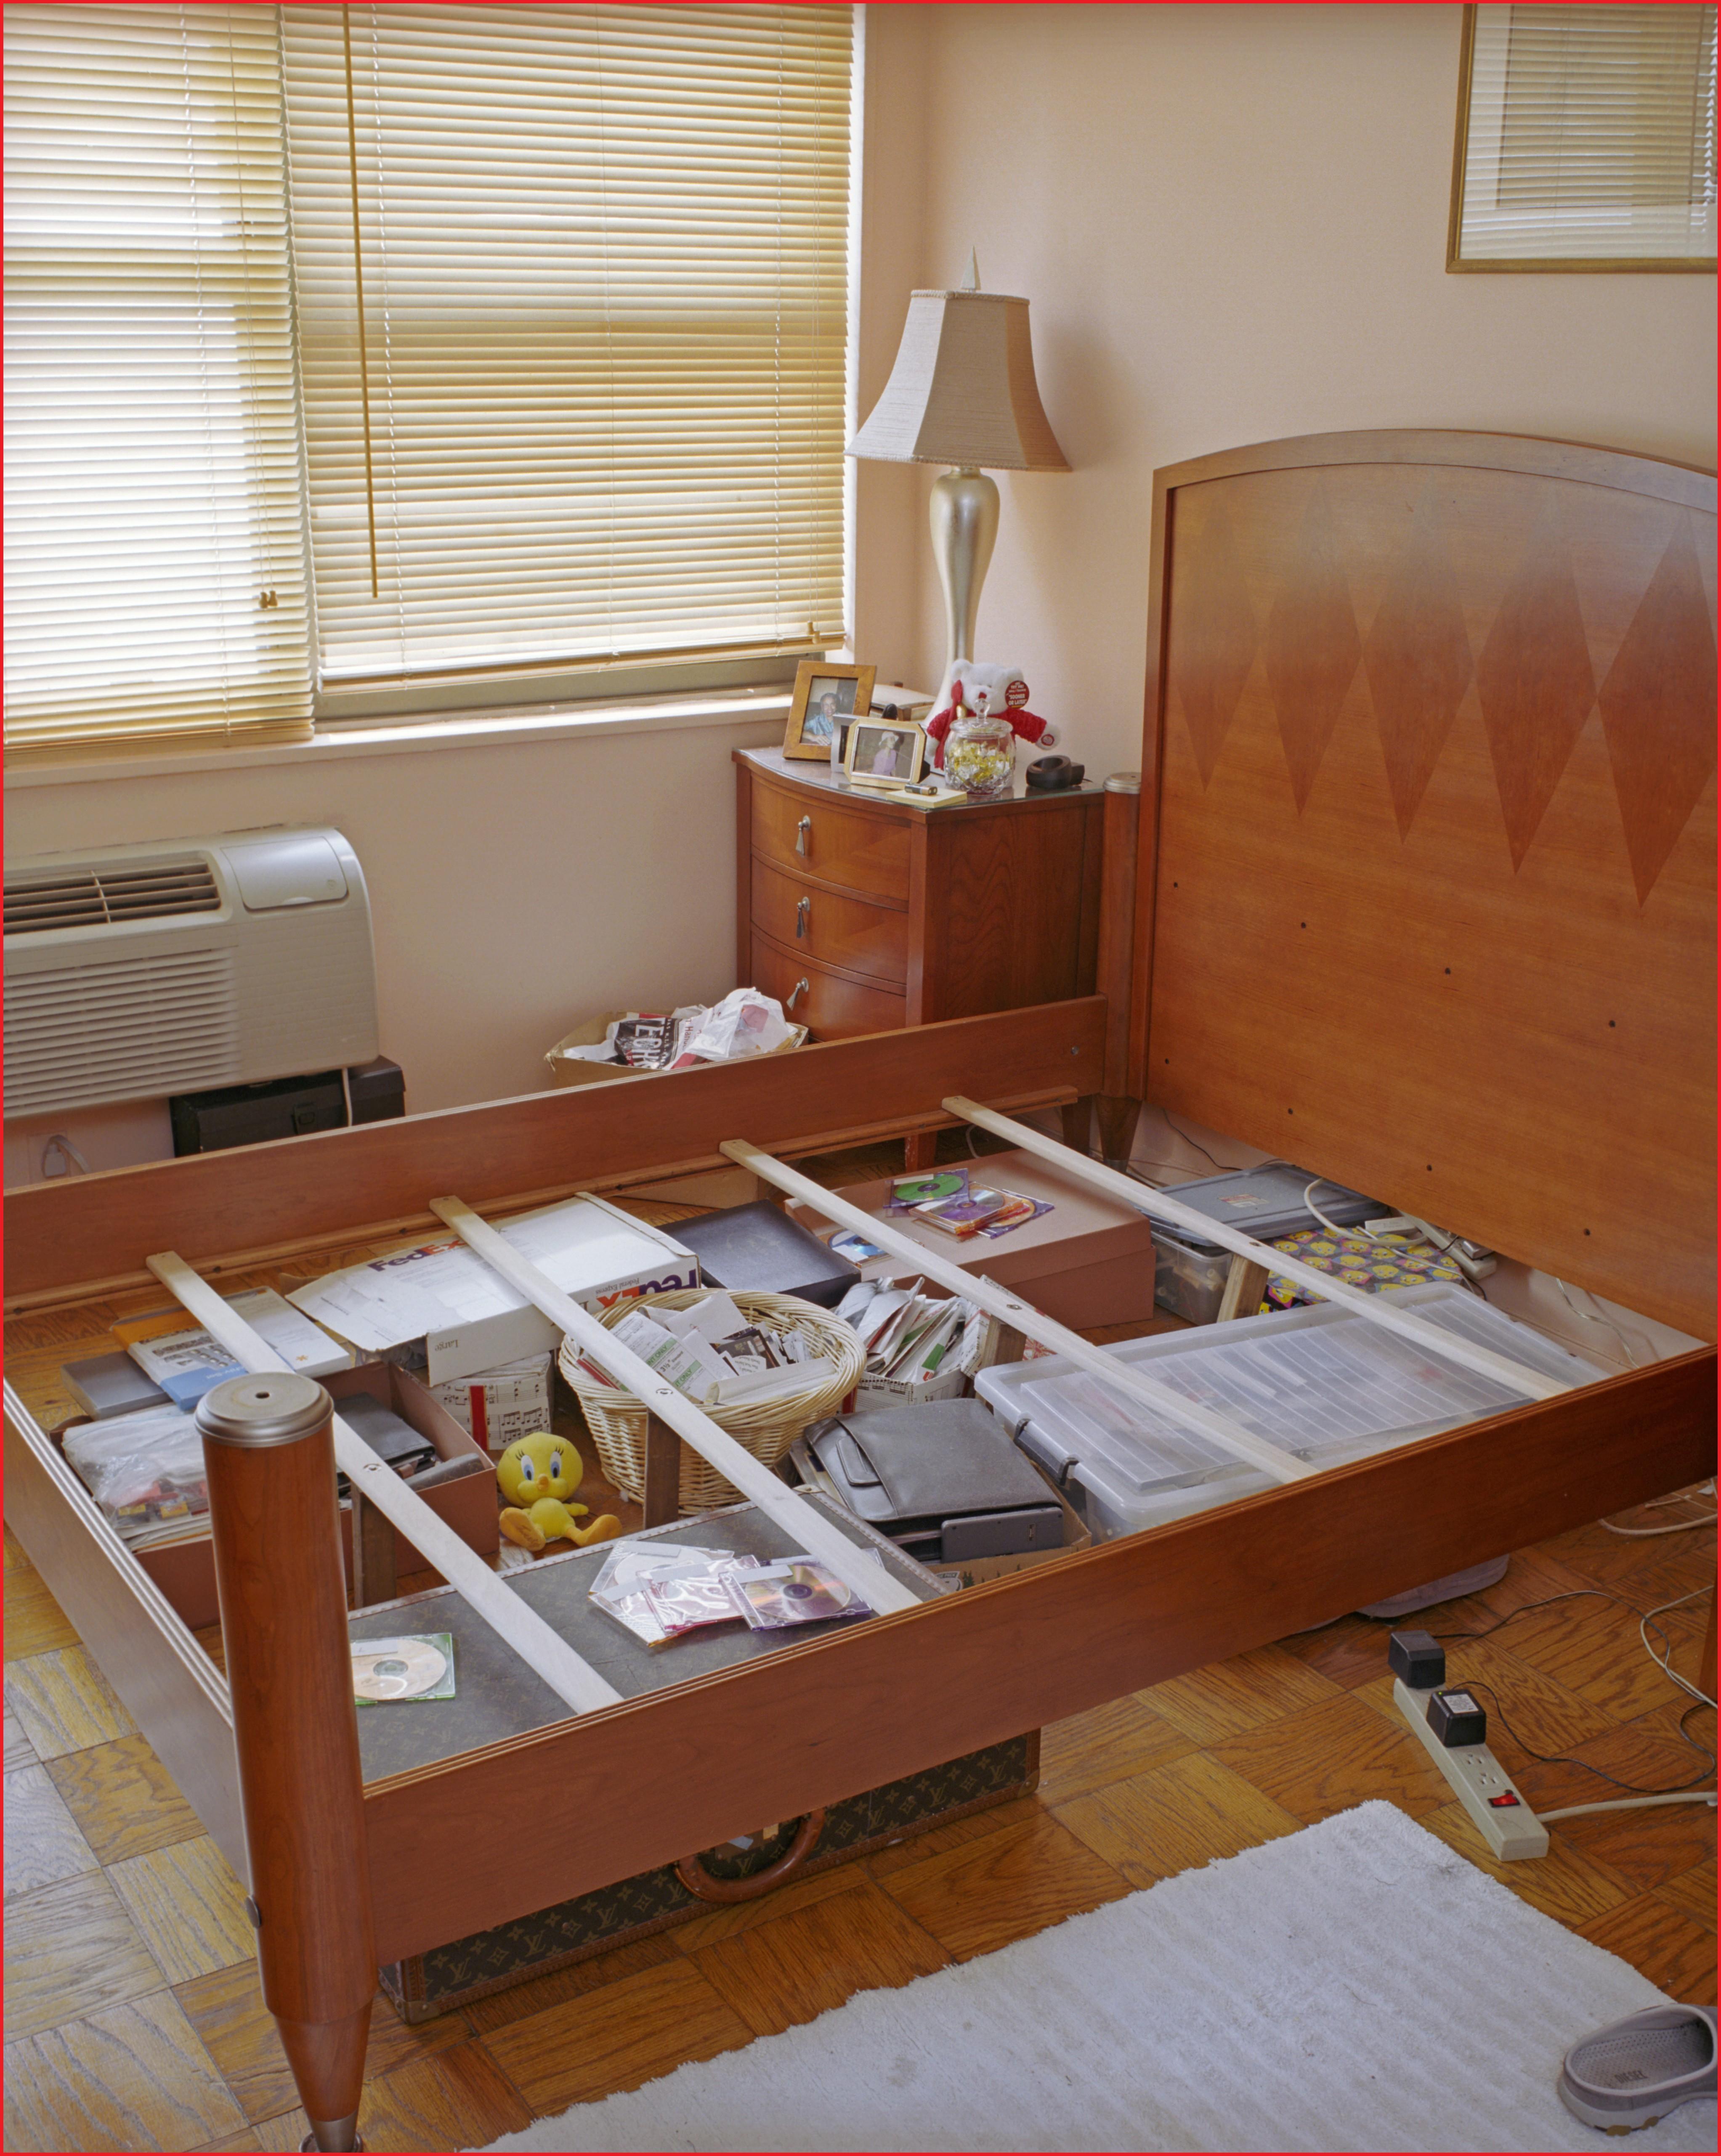 Lit Canapé Escamotable Ikea Unique Galerie Lit Superposé Rabattable Cgisnur